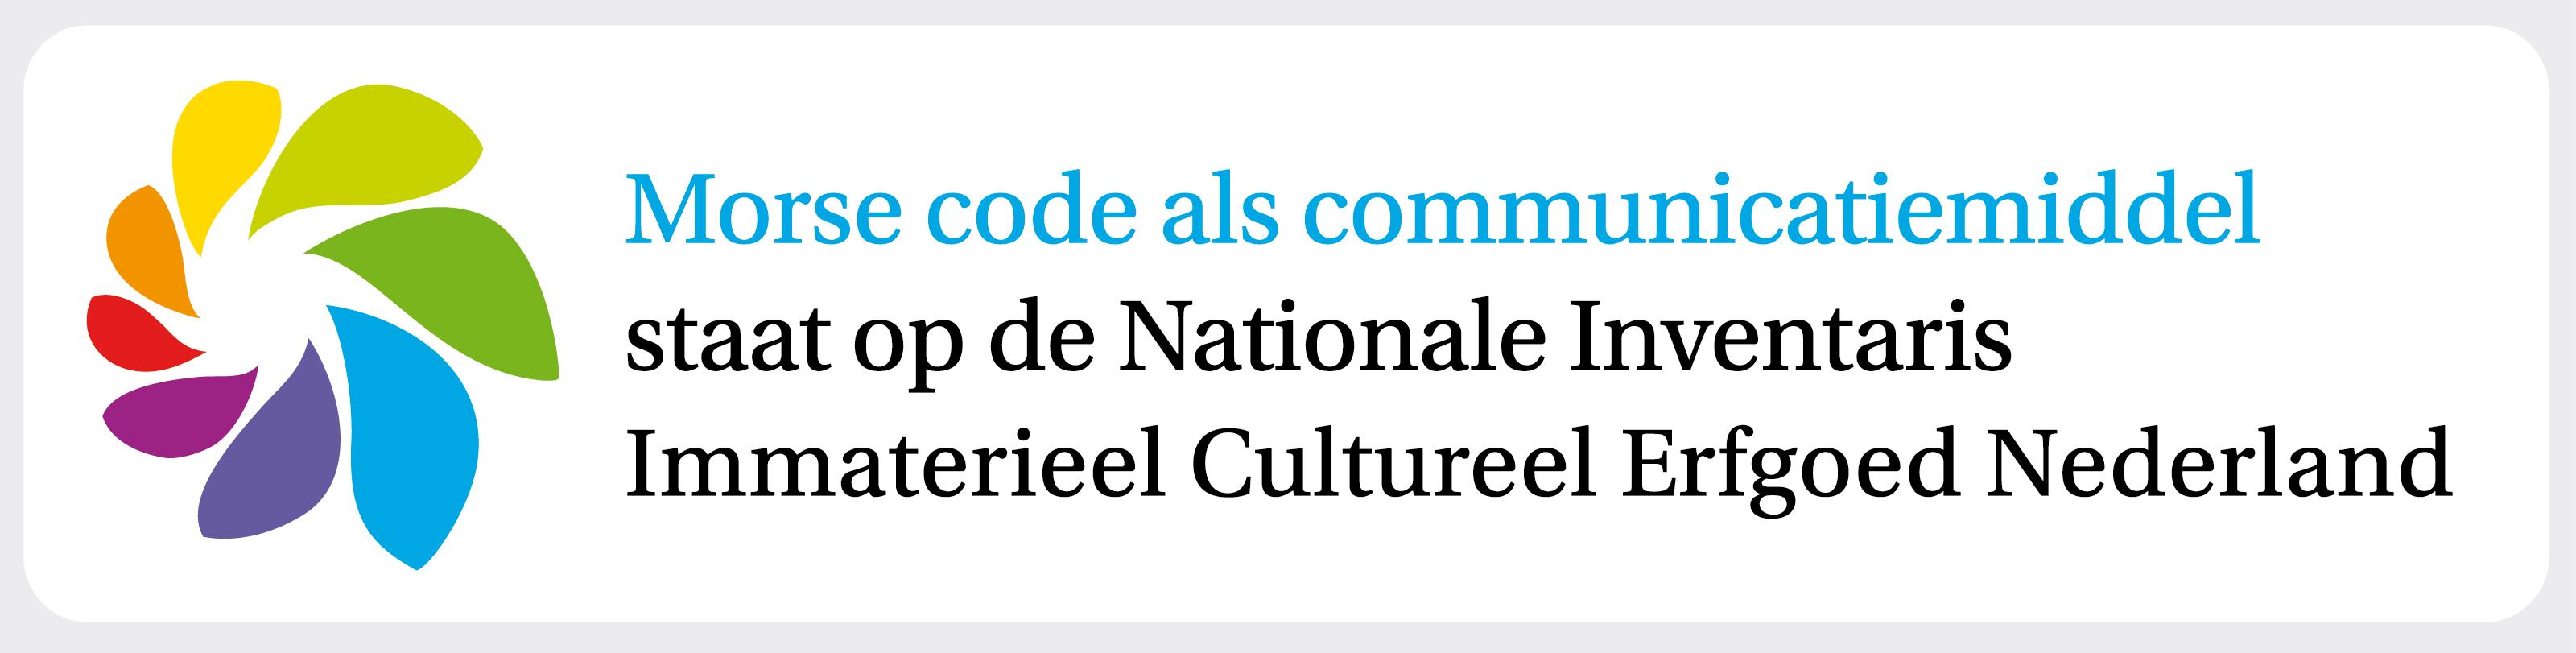 Dankzij de inspanningen van de VERON staat morse code op de Nationale Inventaris Immaterieel Cultureel Erfgoed.